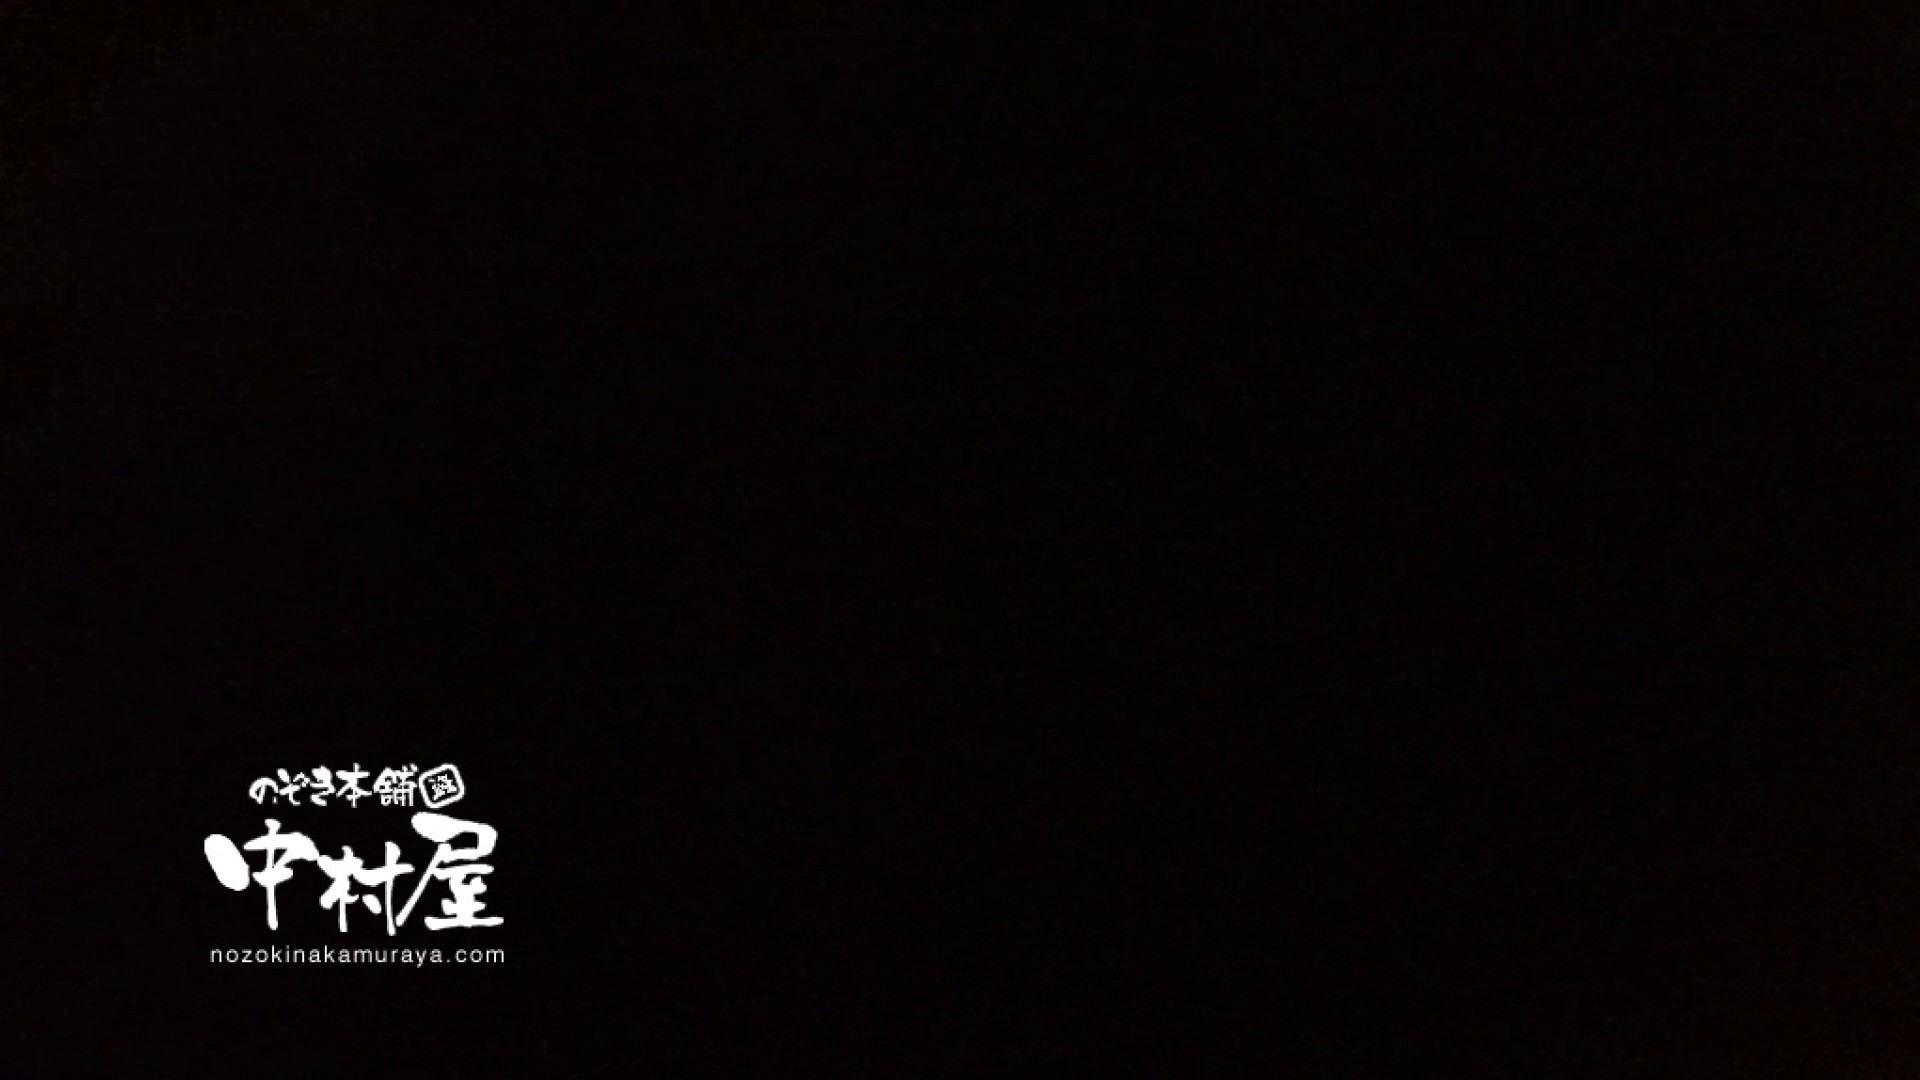 鬼畜 vol.14 小生意気なおなごにはペナルティー 後編 独身エッチOL | 鬼畜  106pic 4